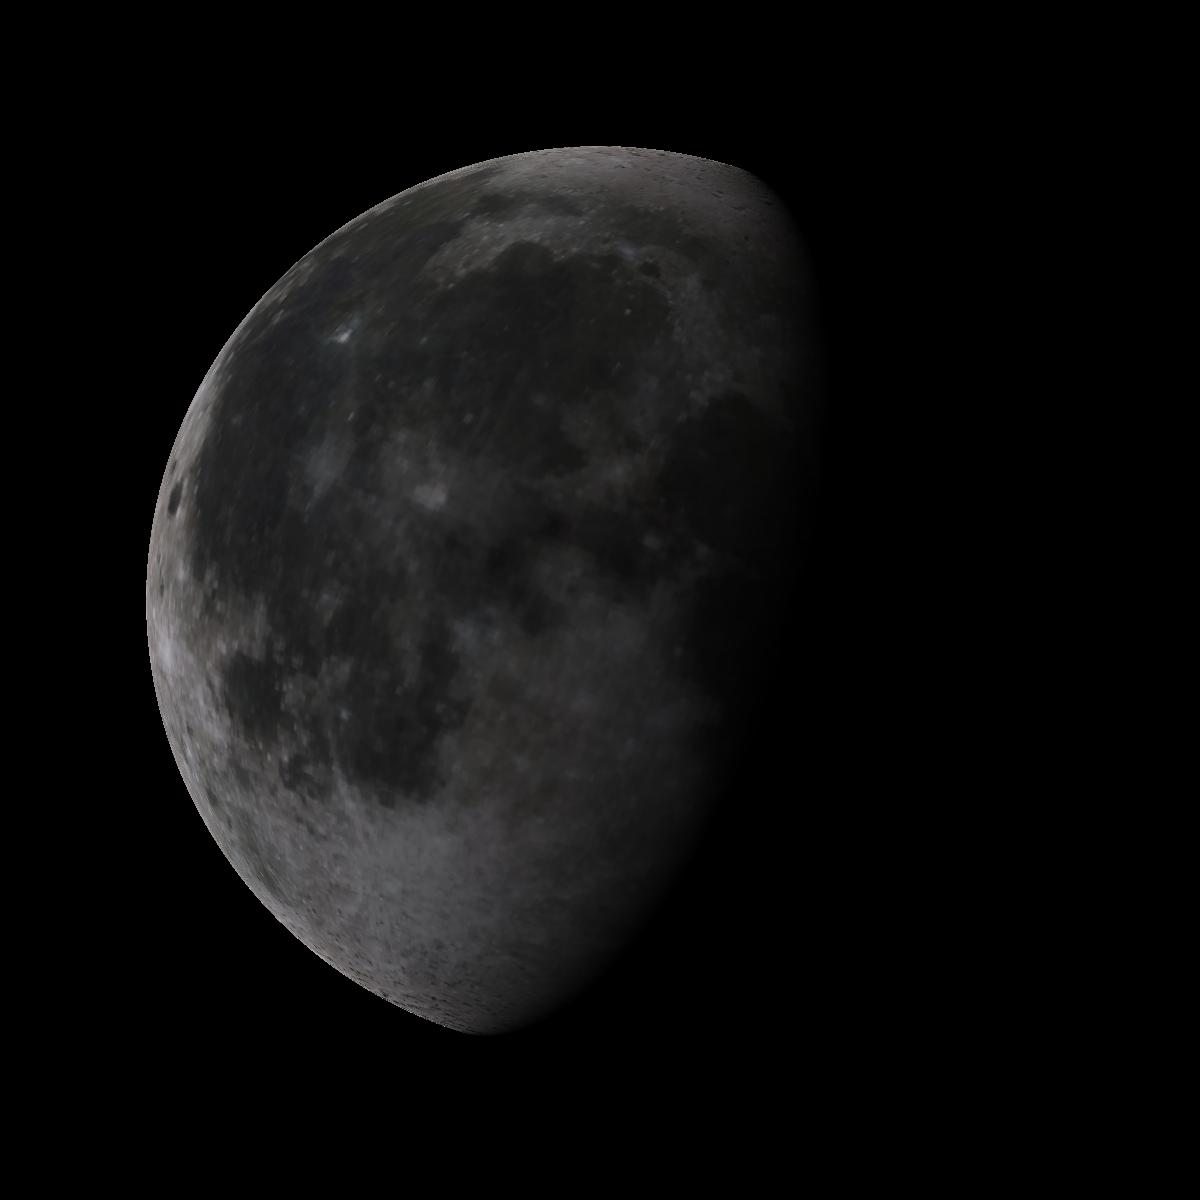 Lune du 11 juin 2020